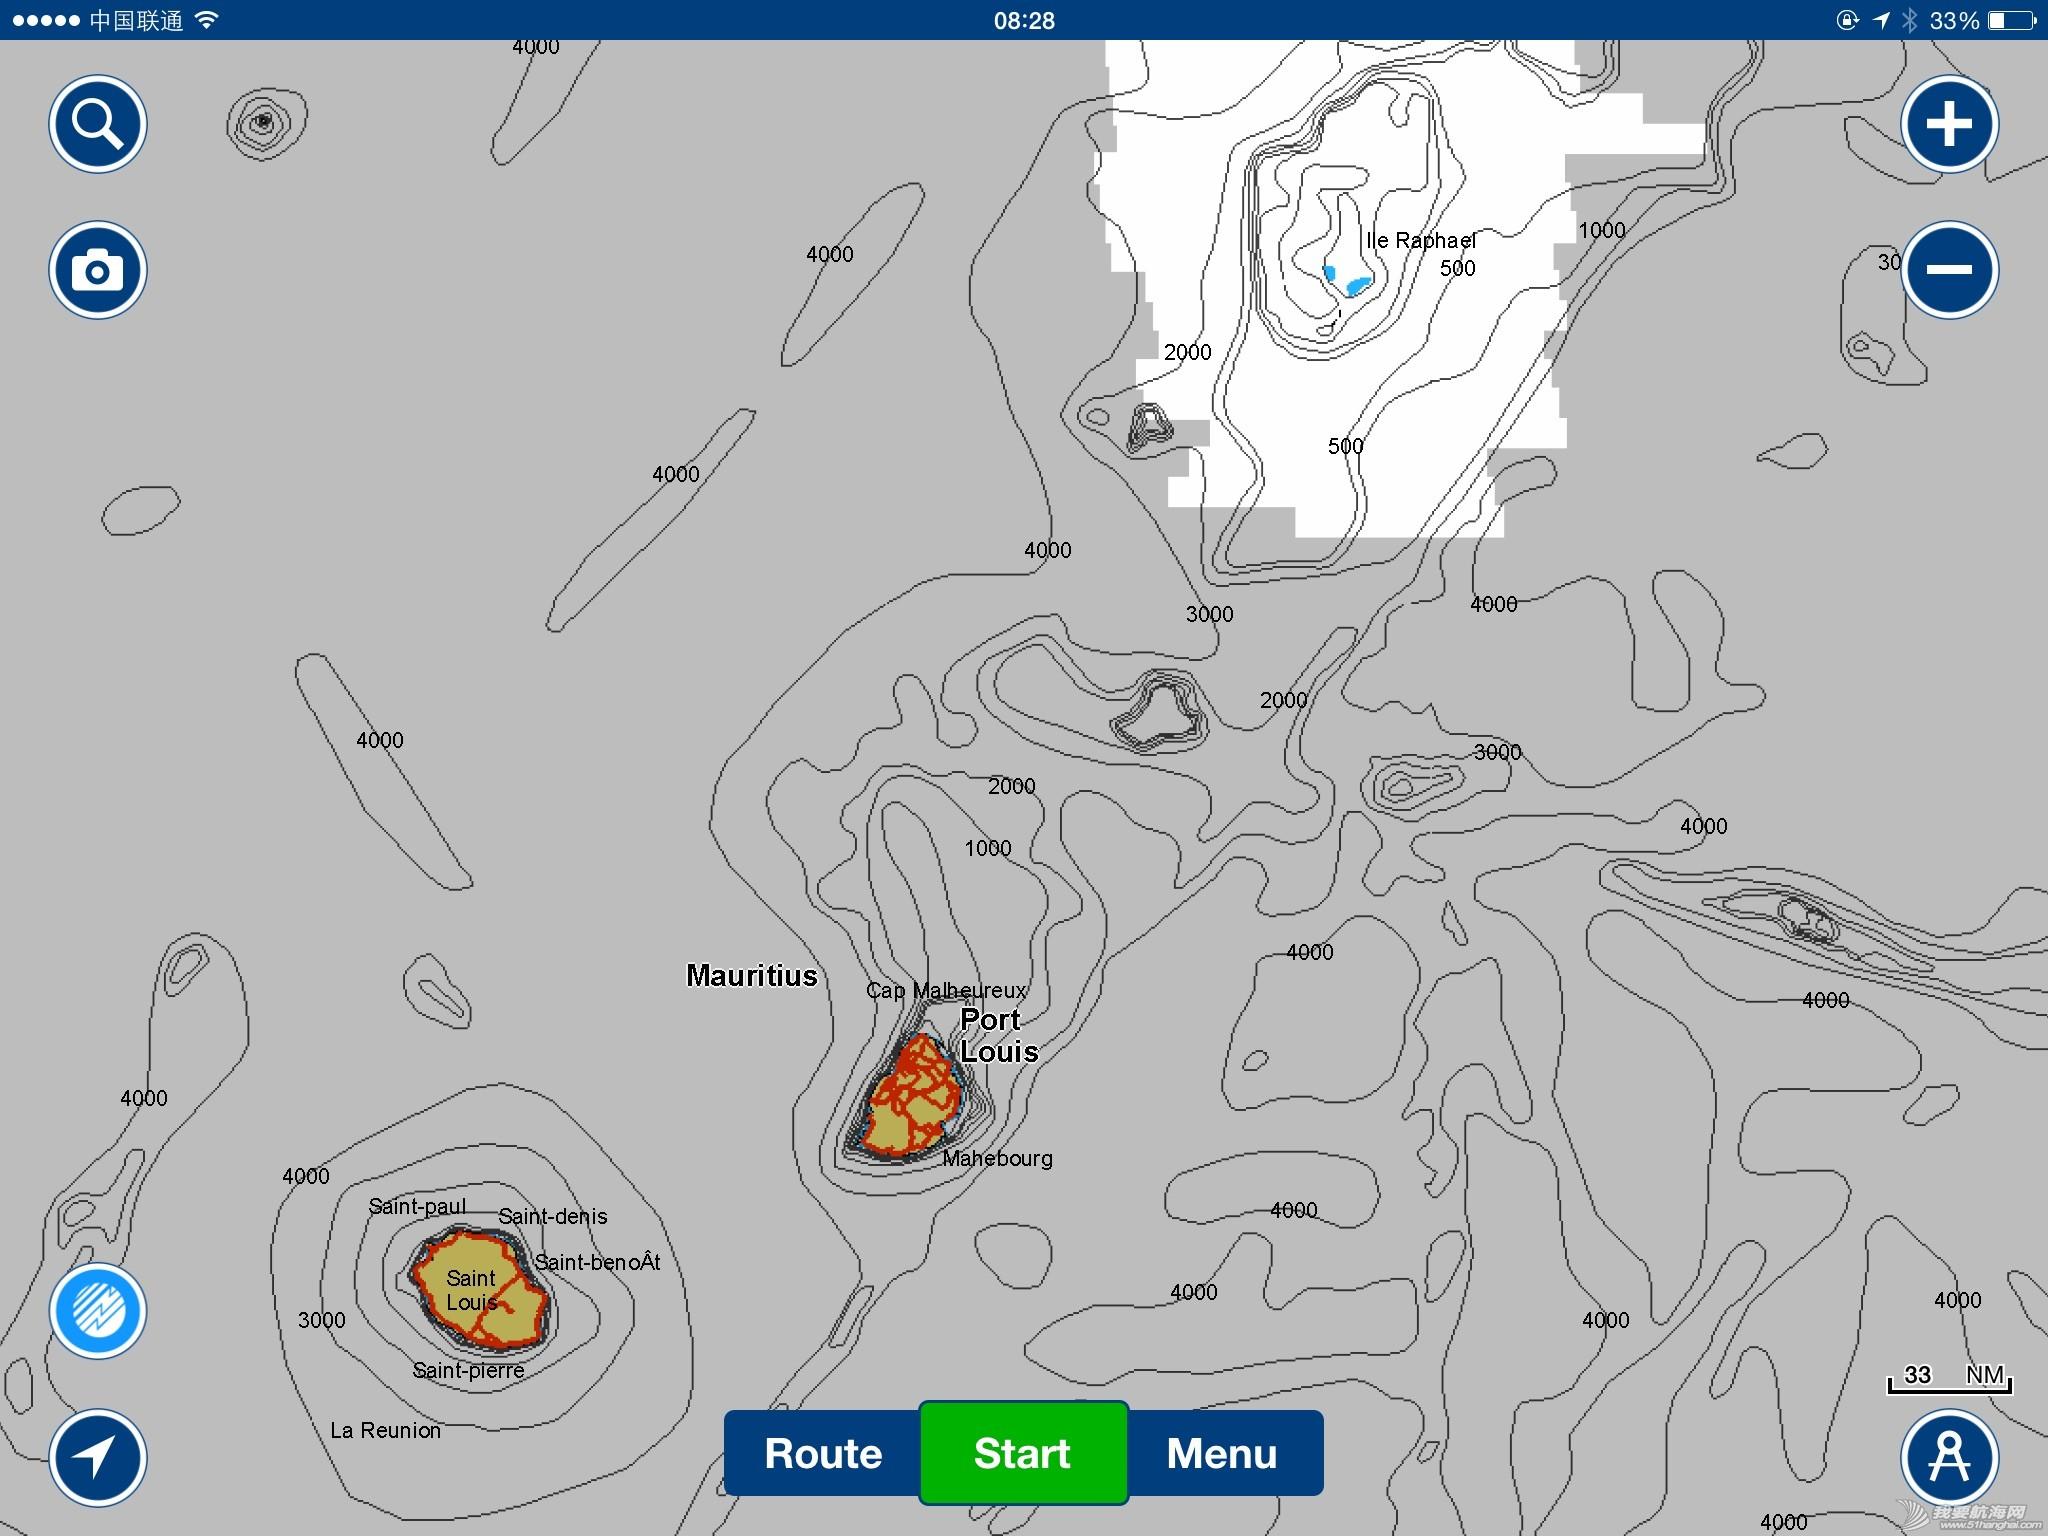 大家看看海图,触礁的地点是这里吗 右上角的蓝点